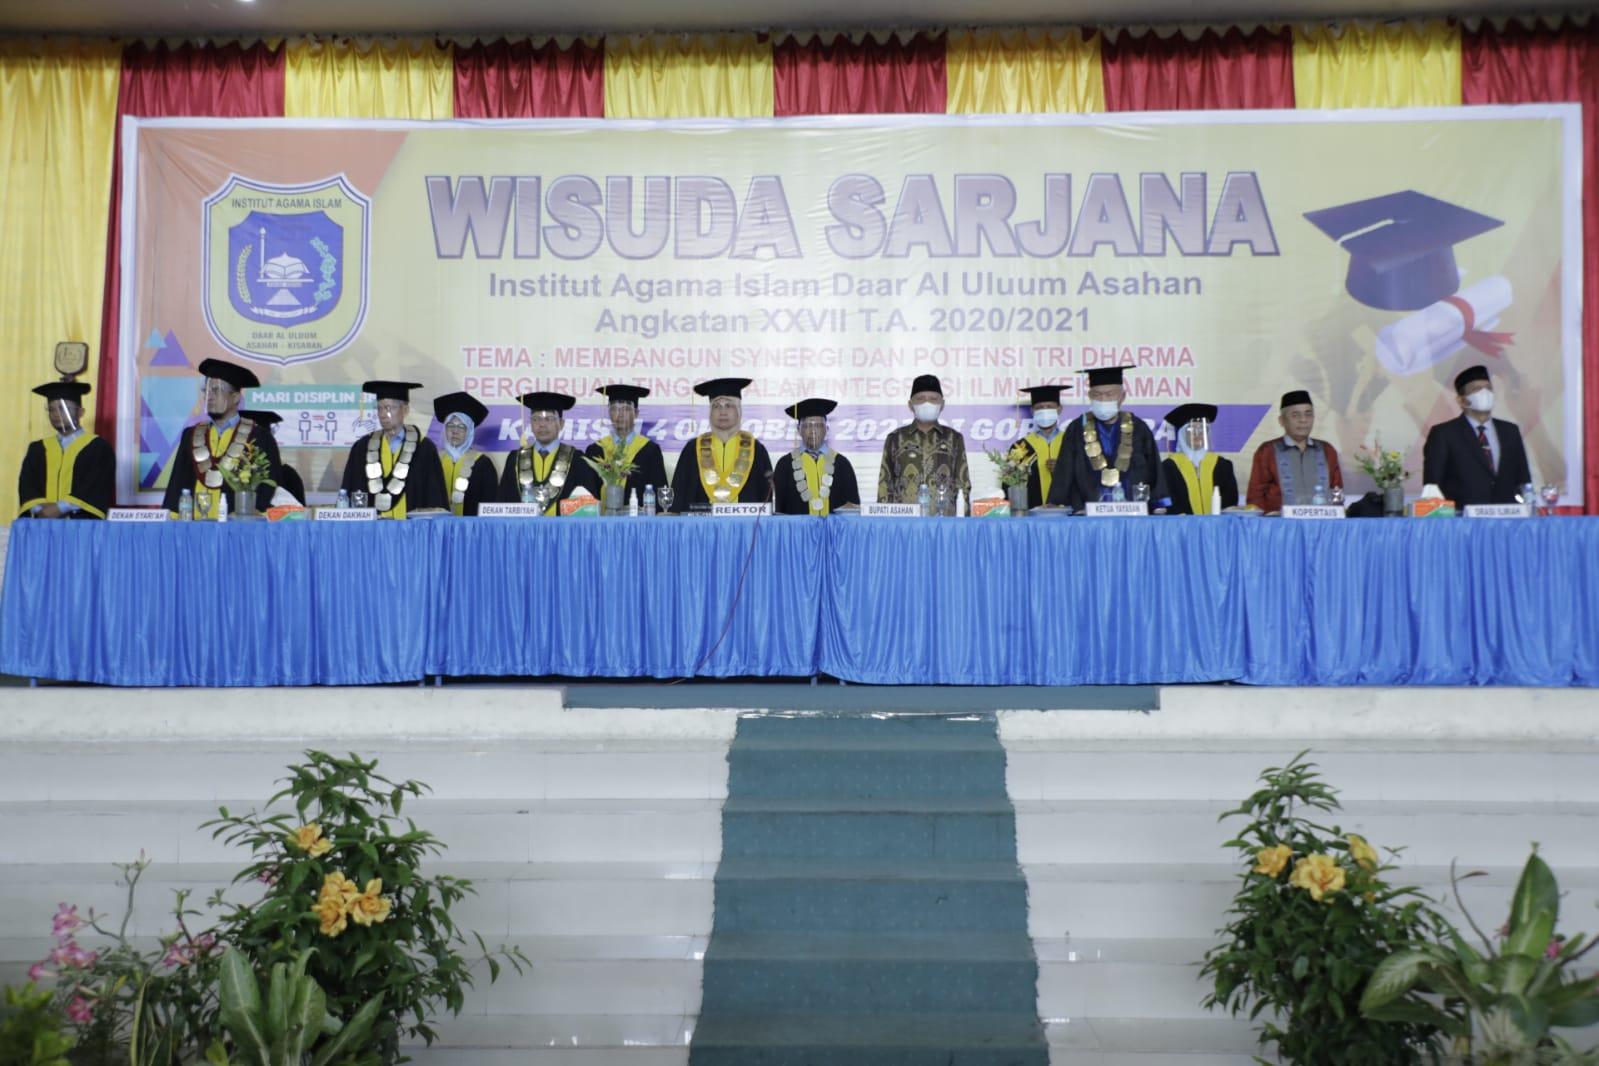 Bupati Asahan H Surya BSc menghadiri wisuda Sarjana Institut Agama Islam Daar Al Uluum (IAIDU) Asahan Angkatan XXVII Tahun Ajaran (TA) 2021/2021 di Gedung Serba Guna Kisaran, Kamis (14/10)